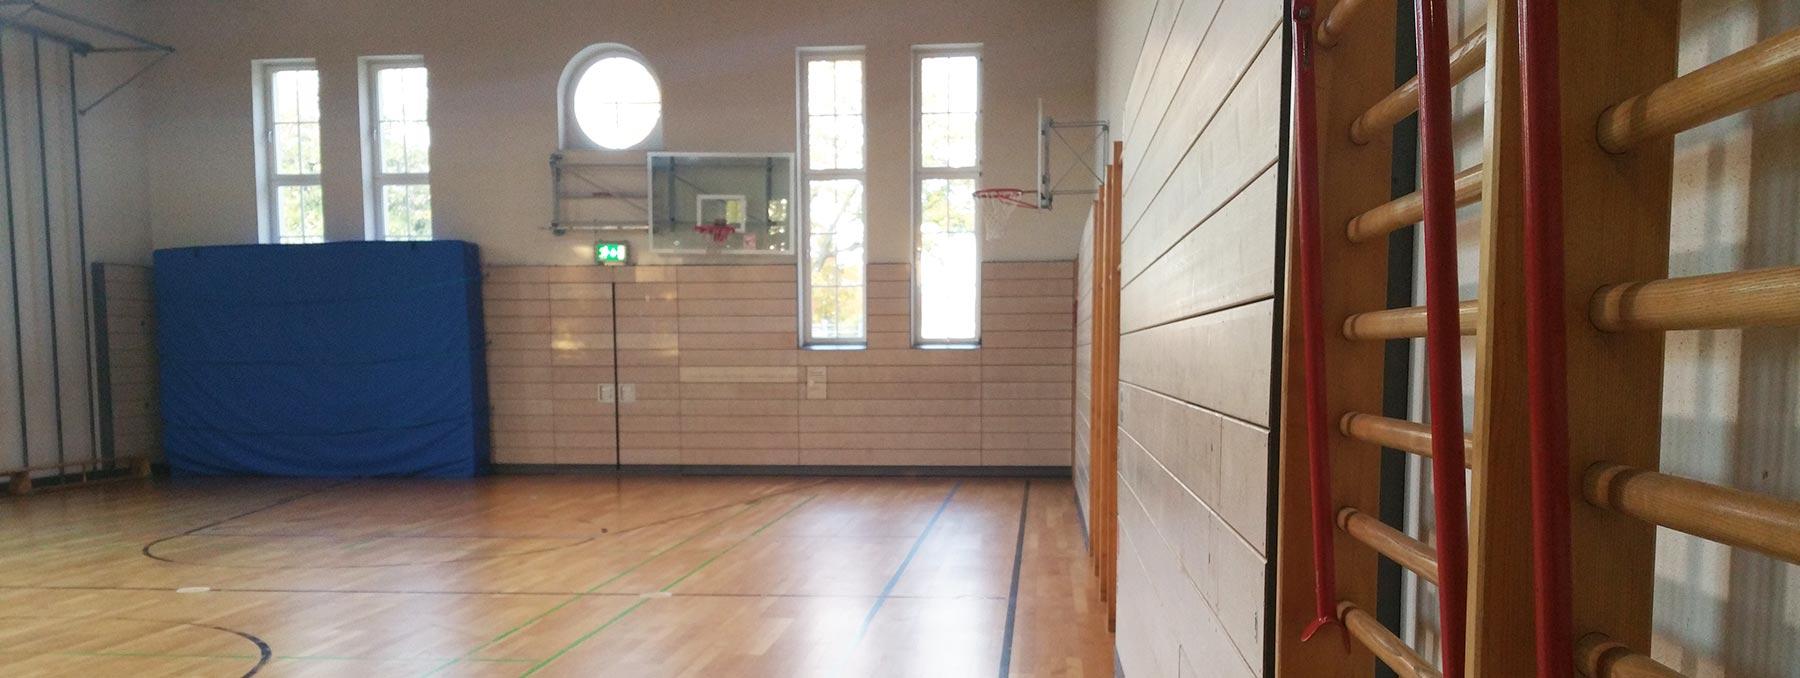 WTKFI Radeberg Selbstverteidigung Studio